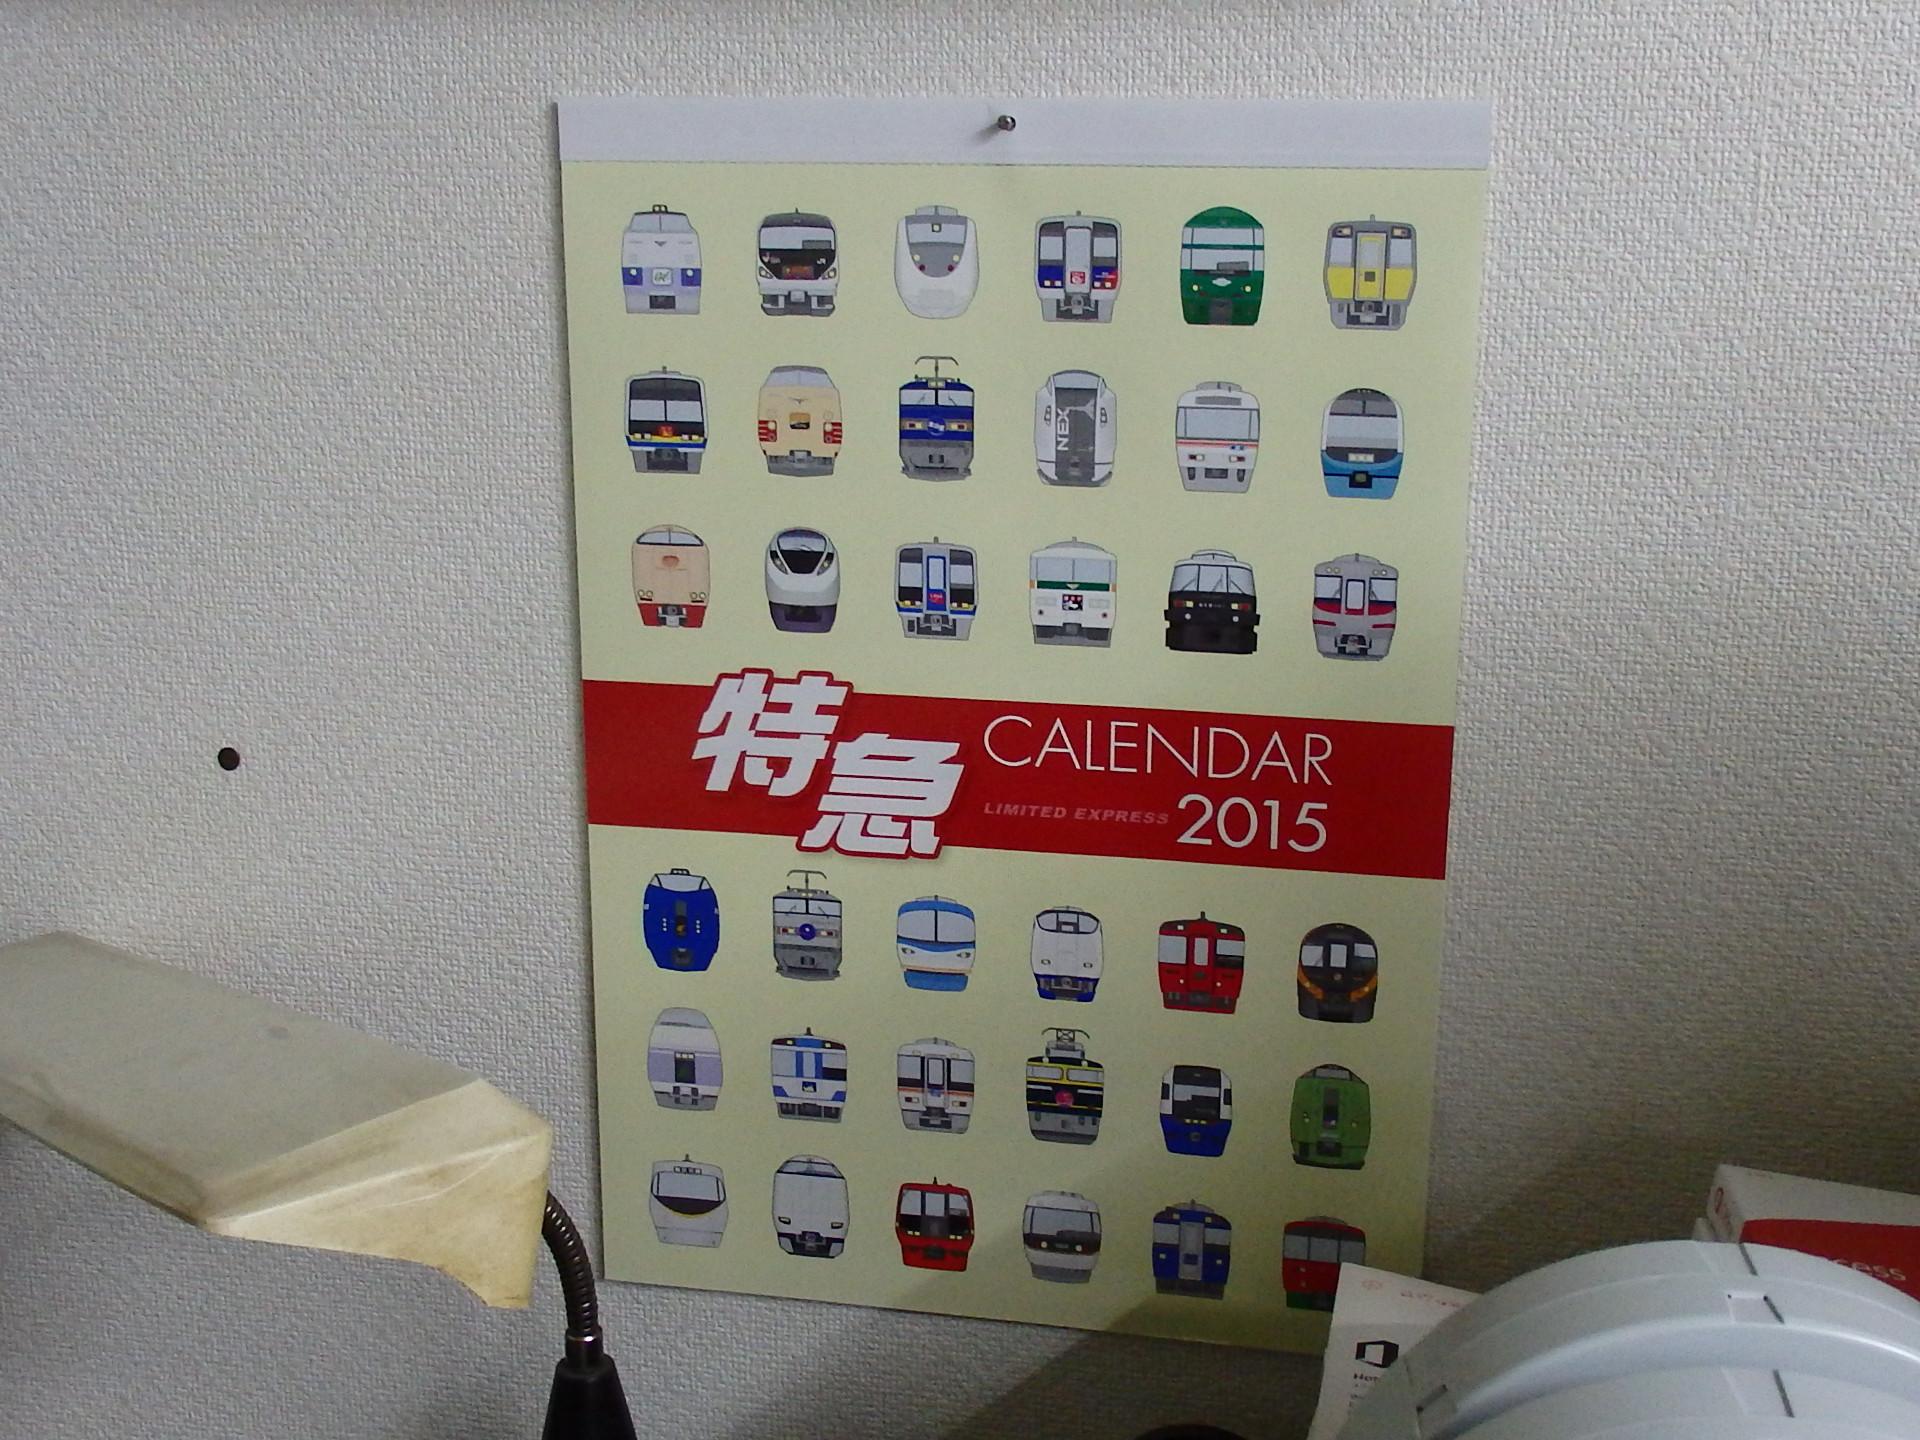 特急カレンダーが来ました。